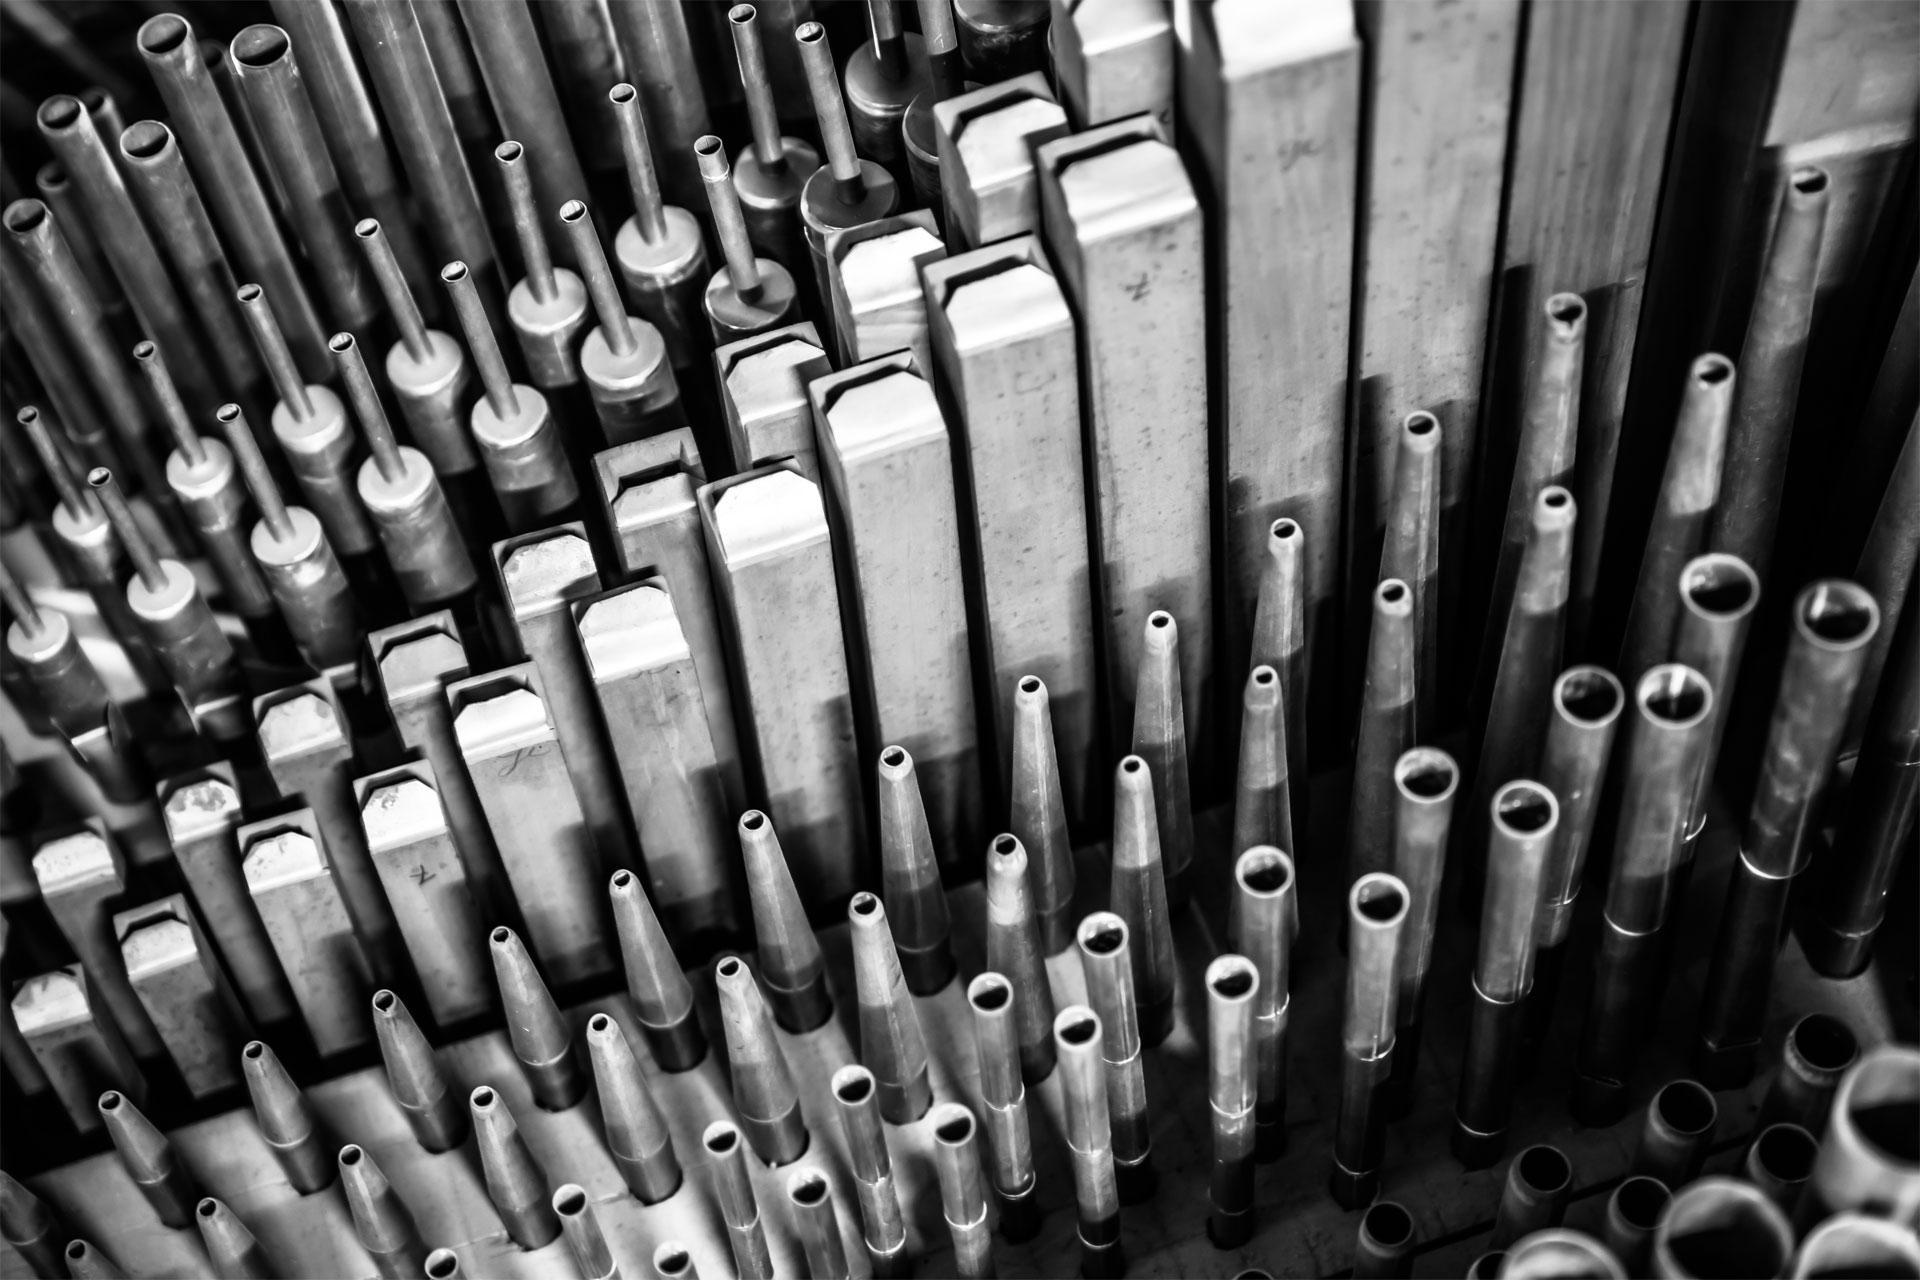 Le 20ème siècle: modifications opérées sur l'orgue de Riquewihr